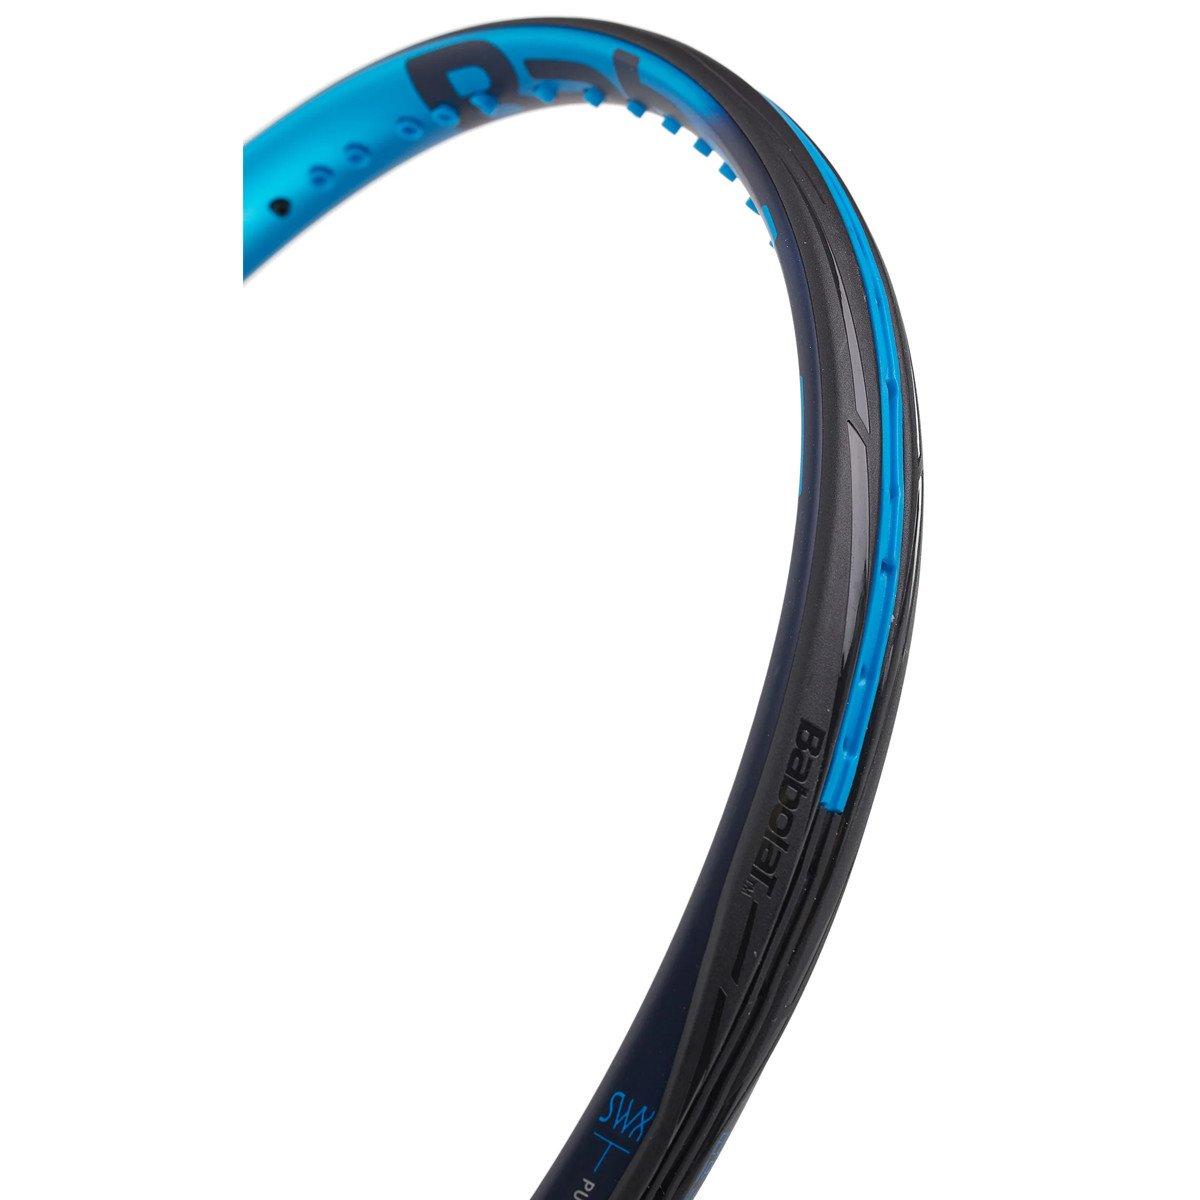 Raquete de Tênis Babolat Pure Drive - 300g - 2021